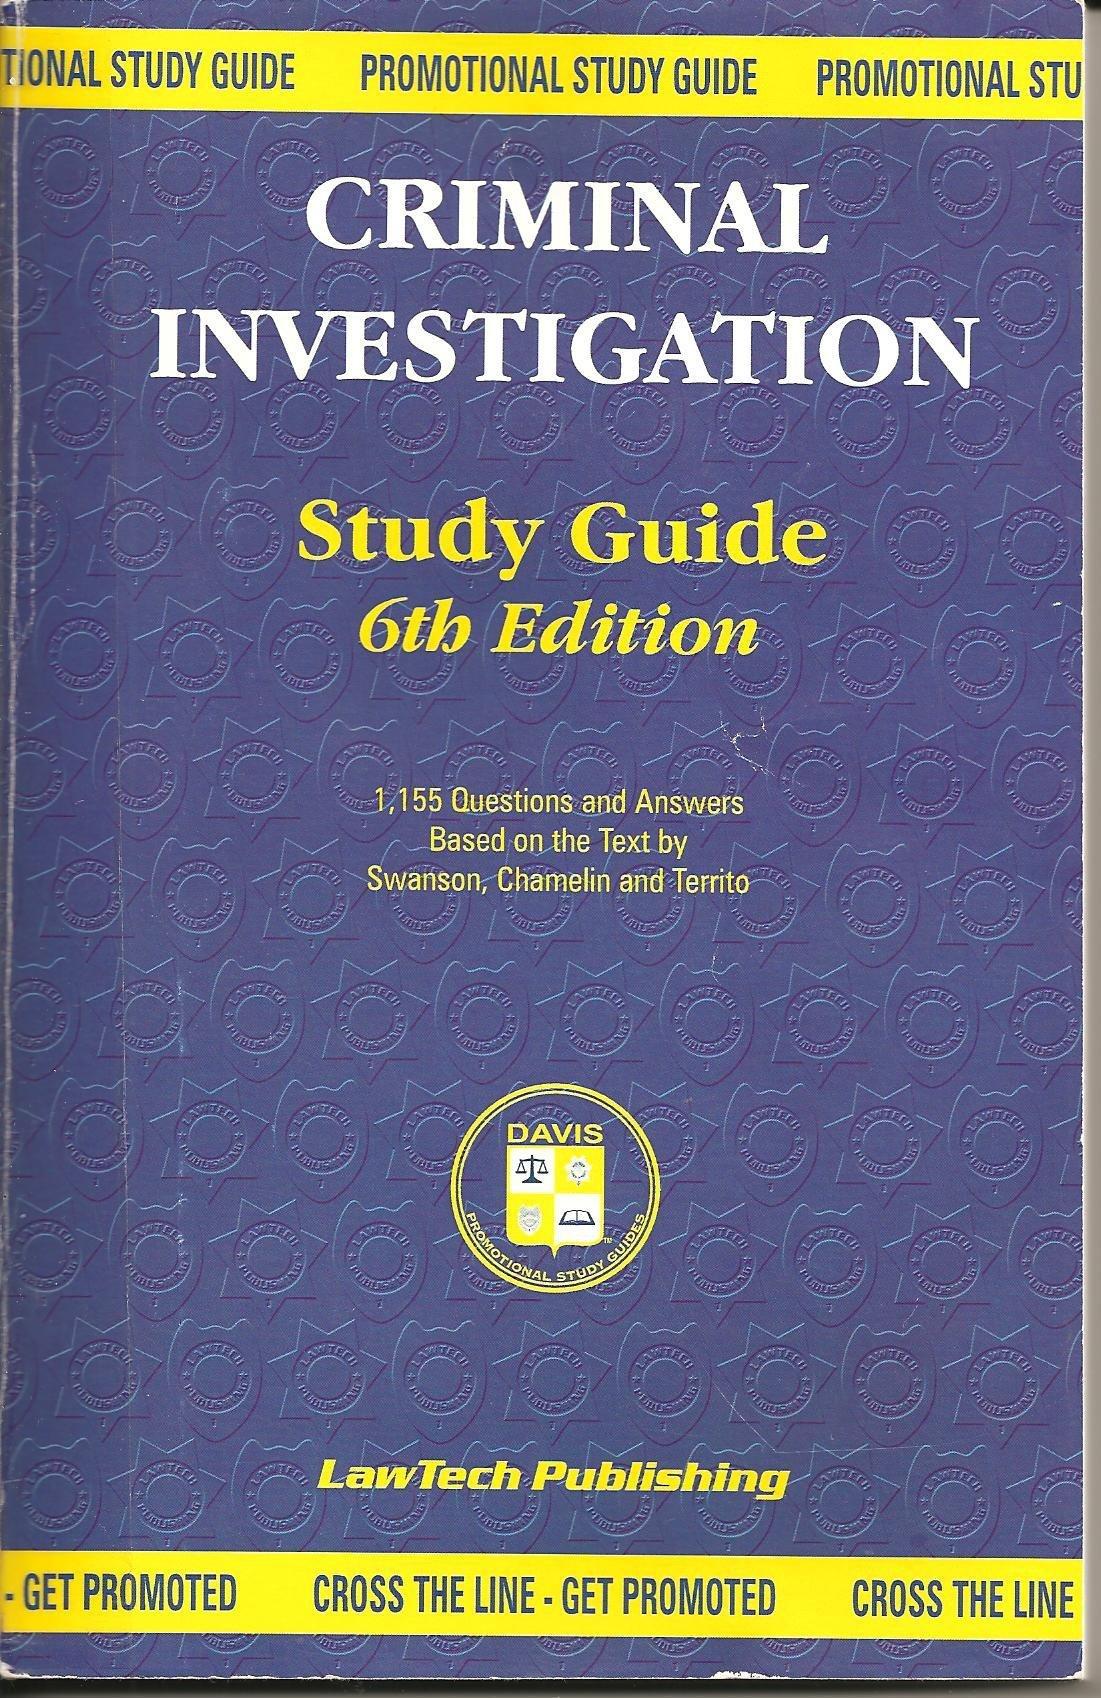 criminal investigation study guide promotion study guide davis rh amazon com Police Criminal Investigation Criminal Investigation Procedures